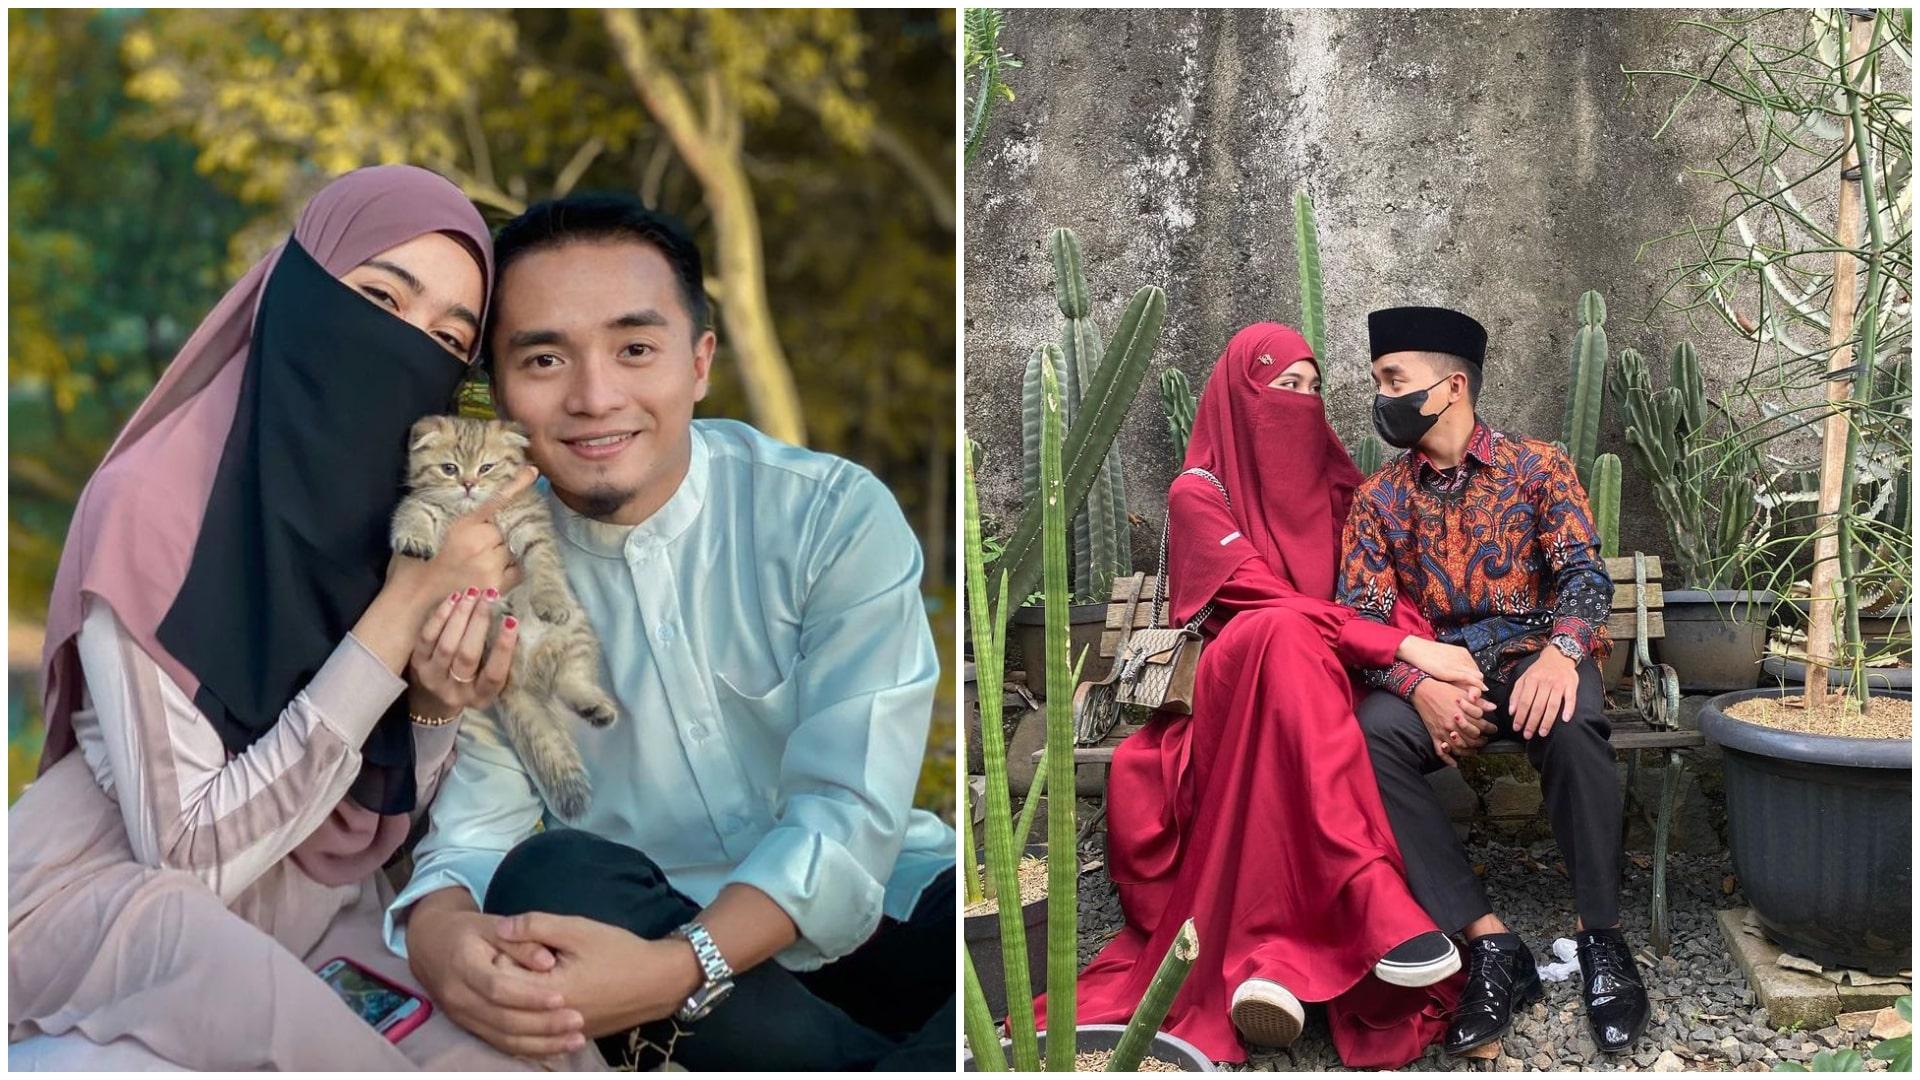 Bikin Baper Warganet, 7 Potret Romantis Taqy Malik bareng Sang Istri